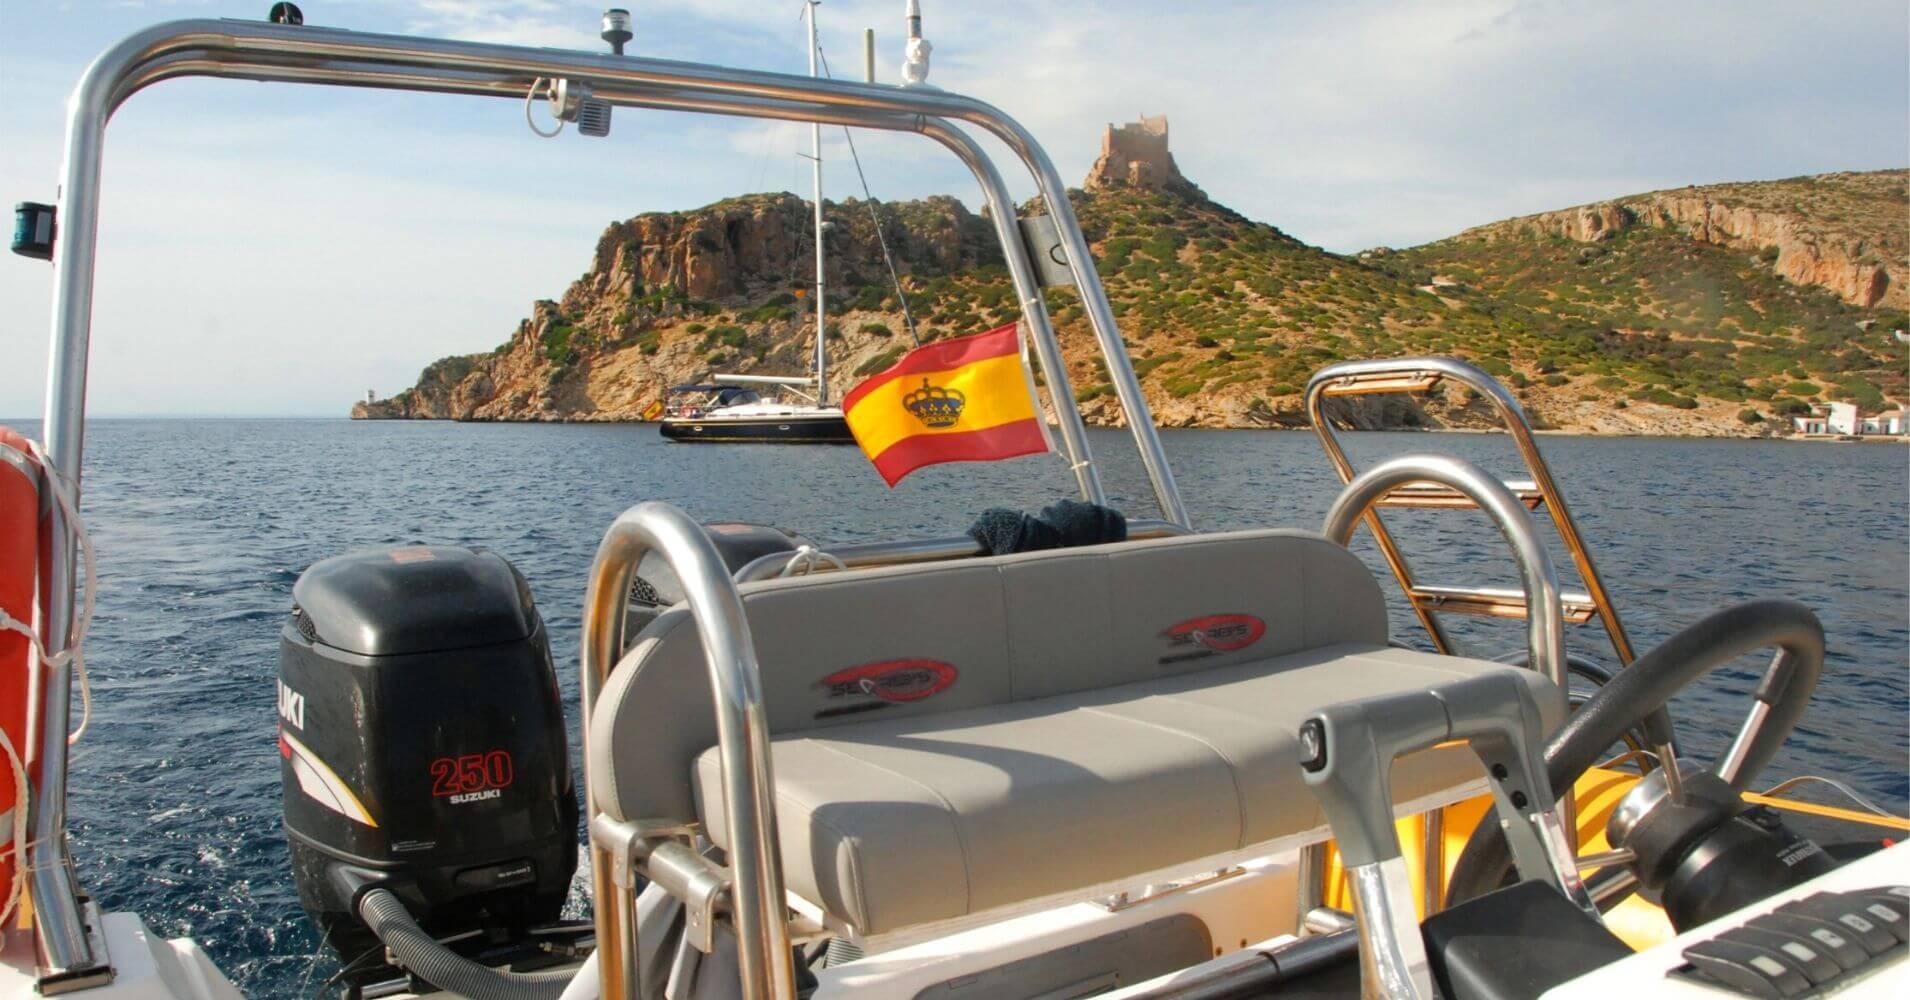 Mar Cabrera. Excursiones en Lancha Rápida a la Isla de La Cabrera, Islas Baleares.